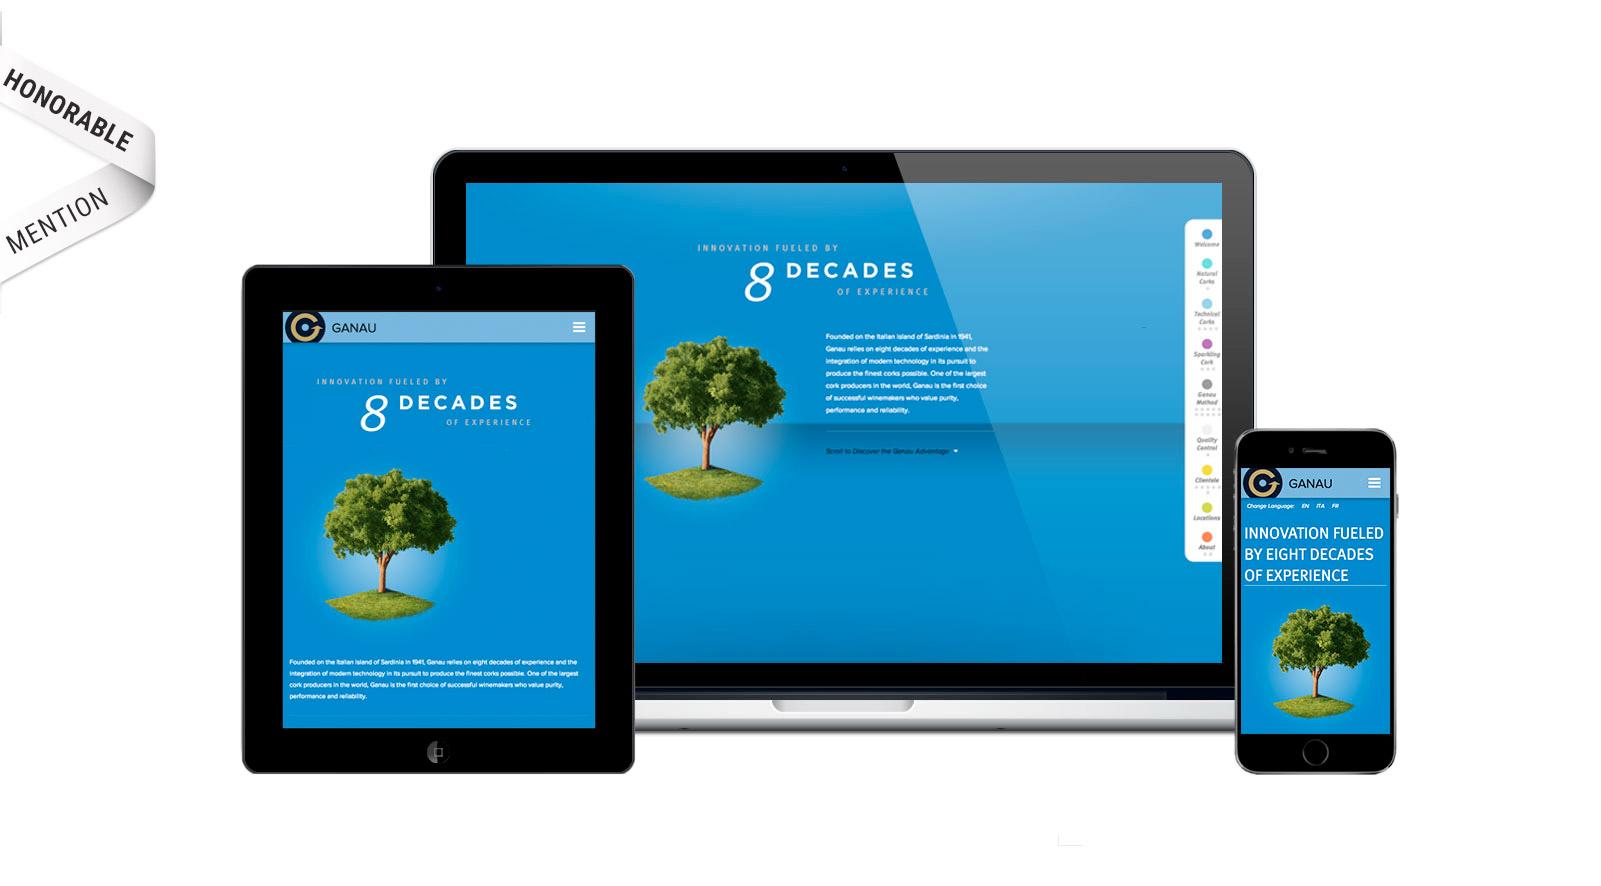 ganau-usa-website-design